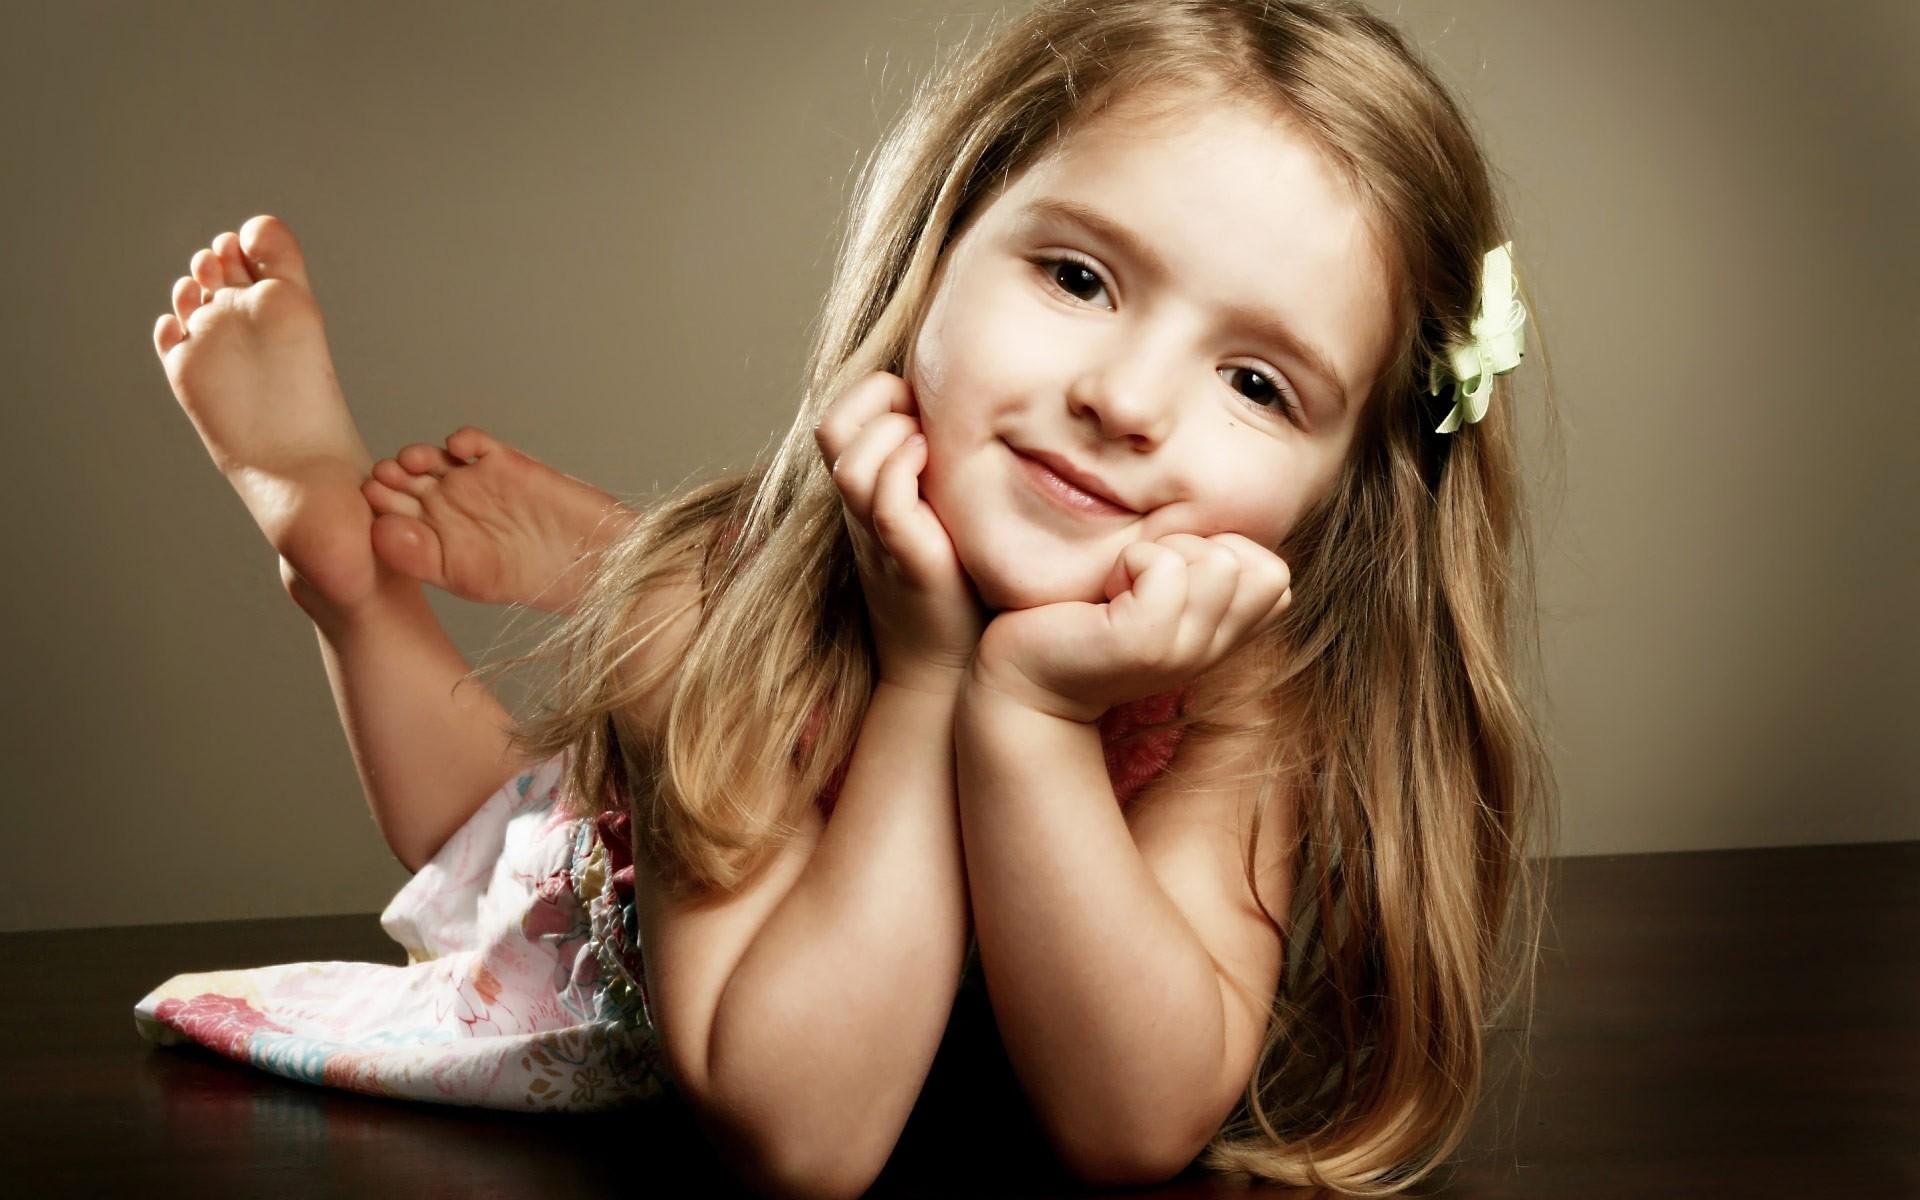 三岁孩子没有吃糖却有谦心烂牙?是甚么状况